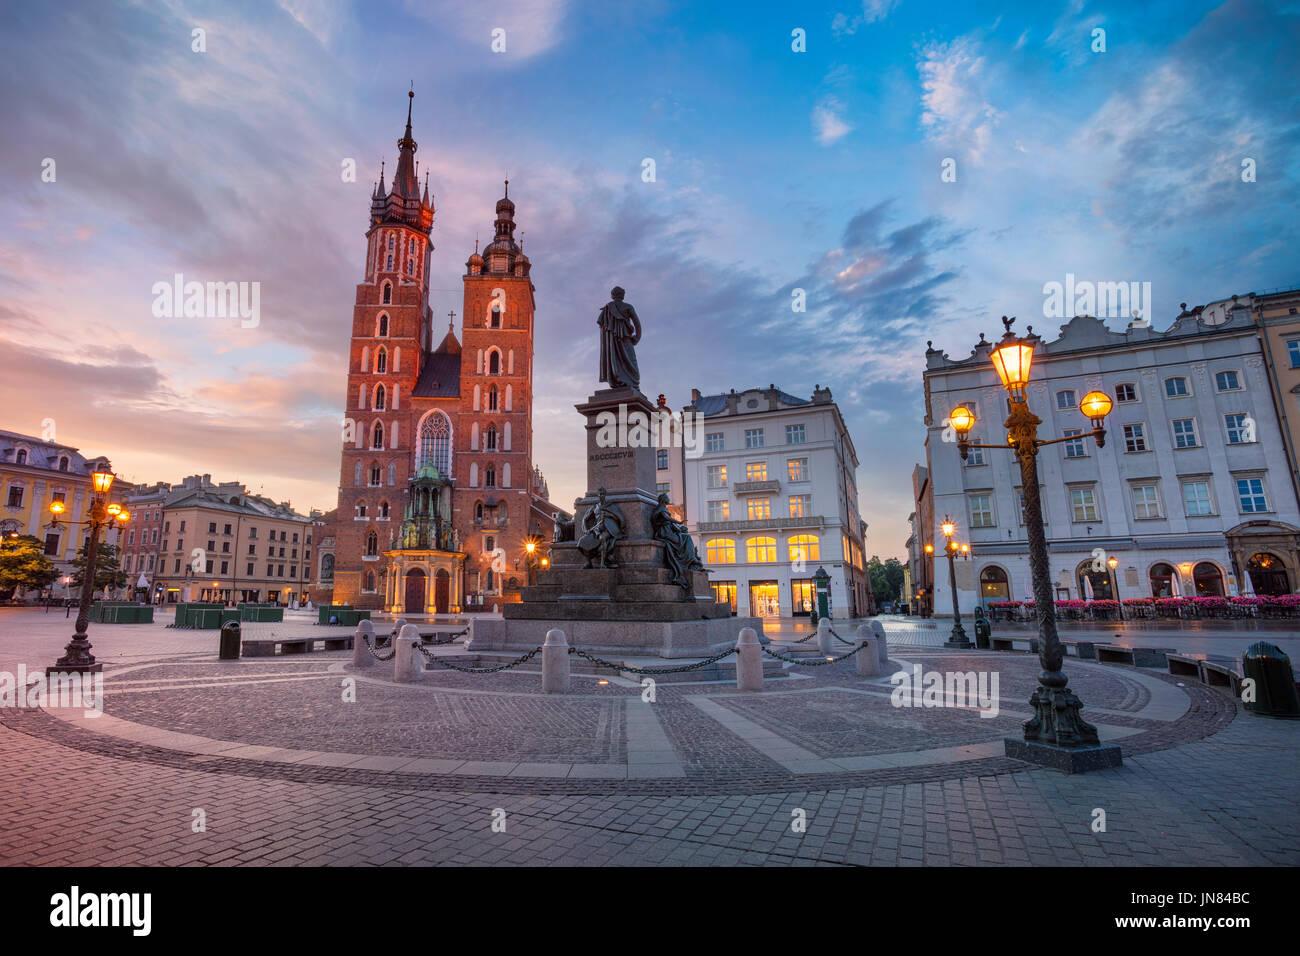 Cracovia. Immagine della piazza del Mercato di Cracovia in Polonia durante il sunrise. Immagini Stock